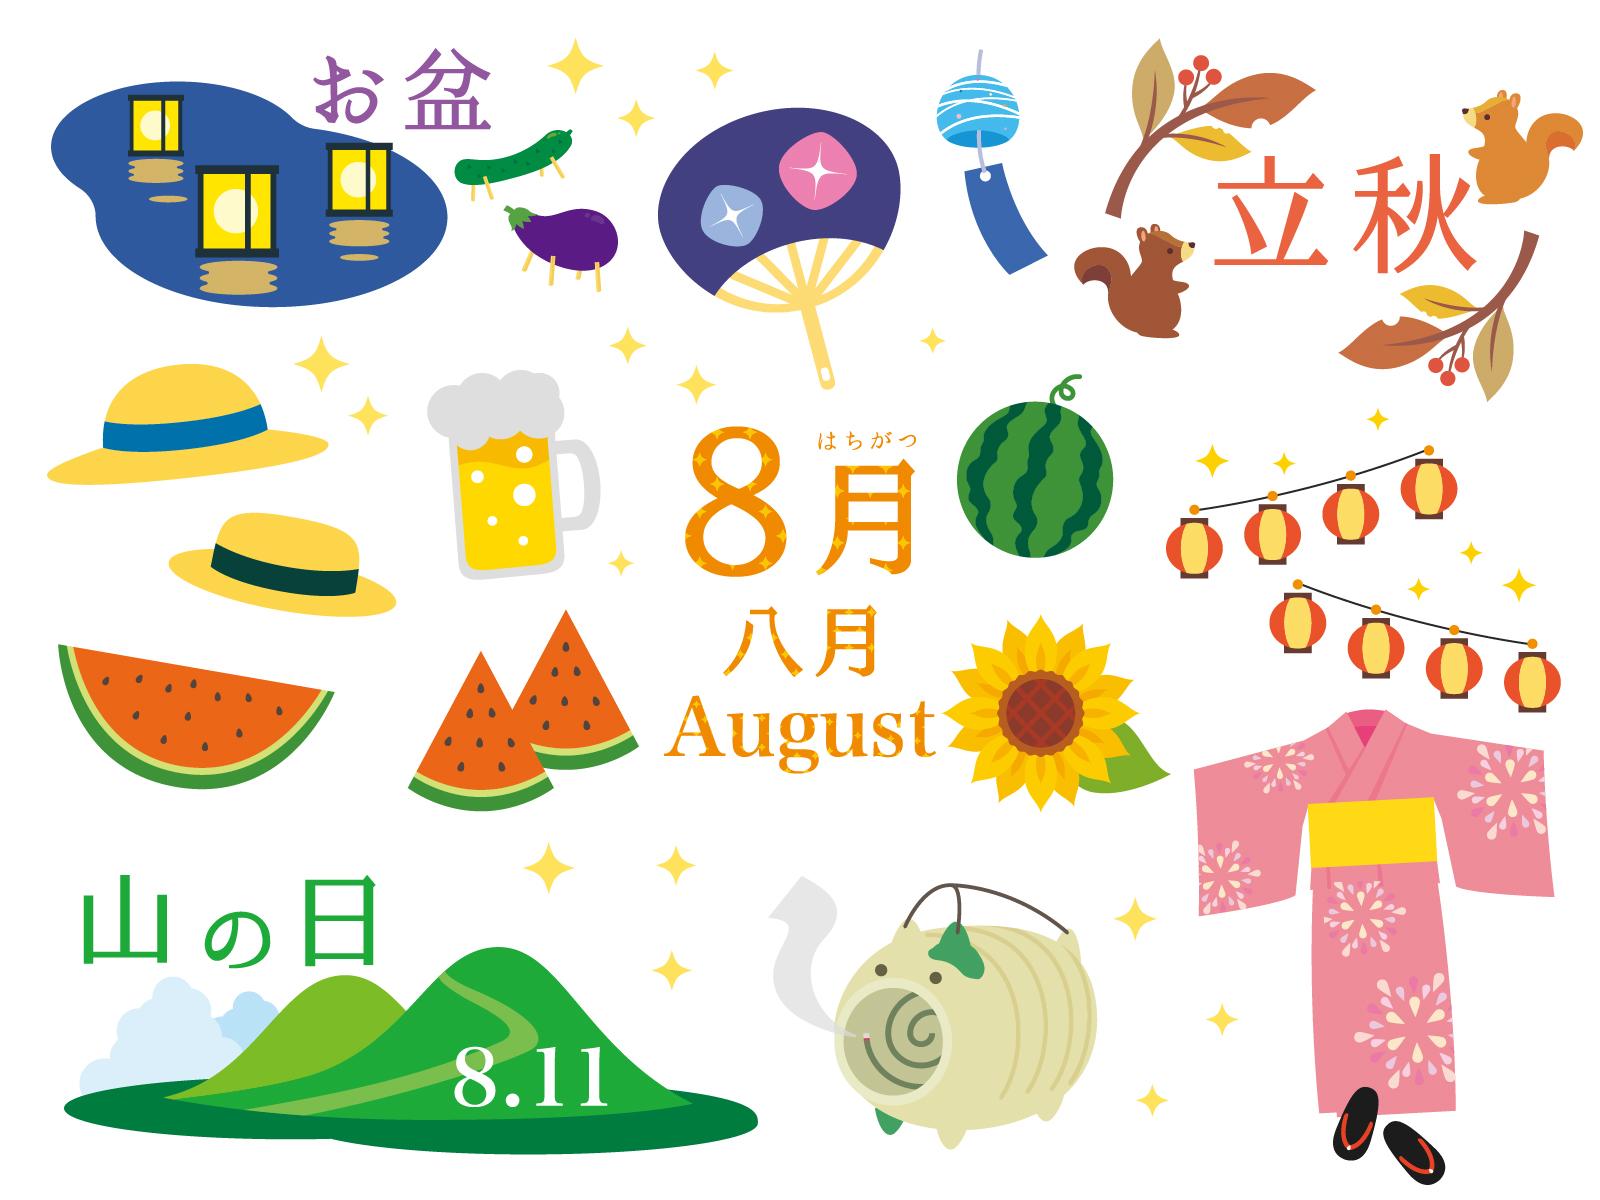 【8月の壁面製作 15選】高齢者向け!!デイサービスでおすすめの壁画作品集を紹介!